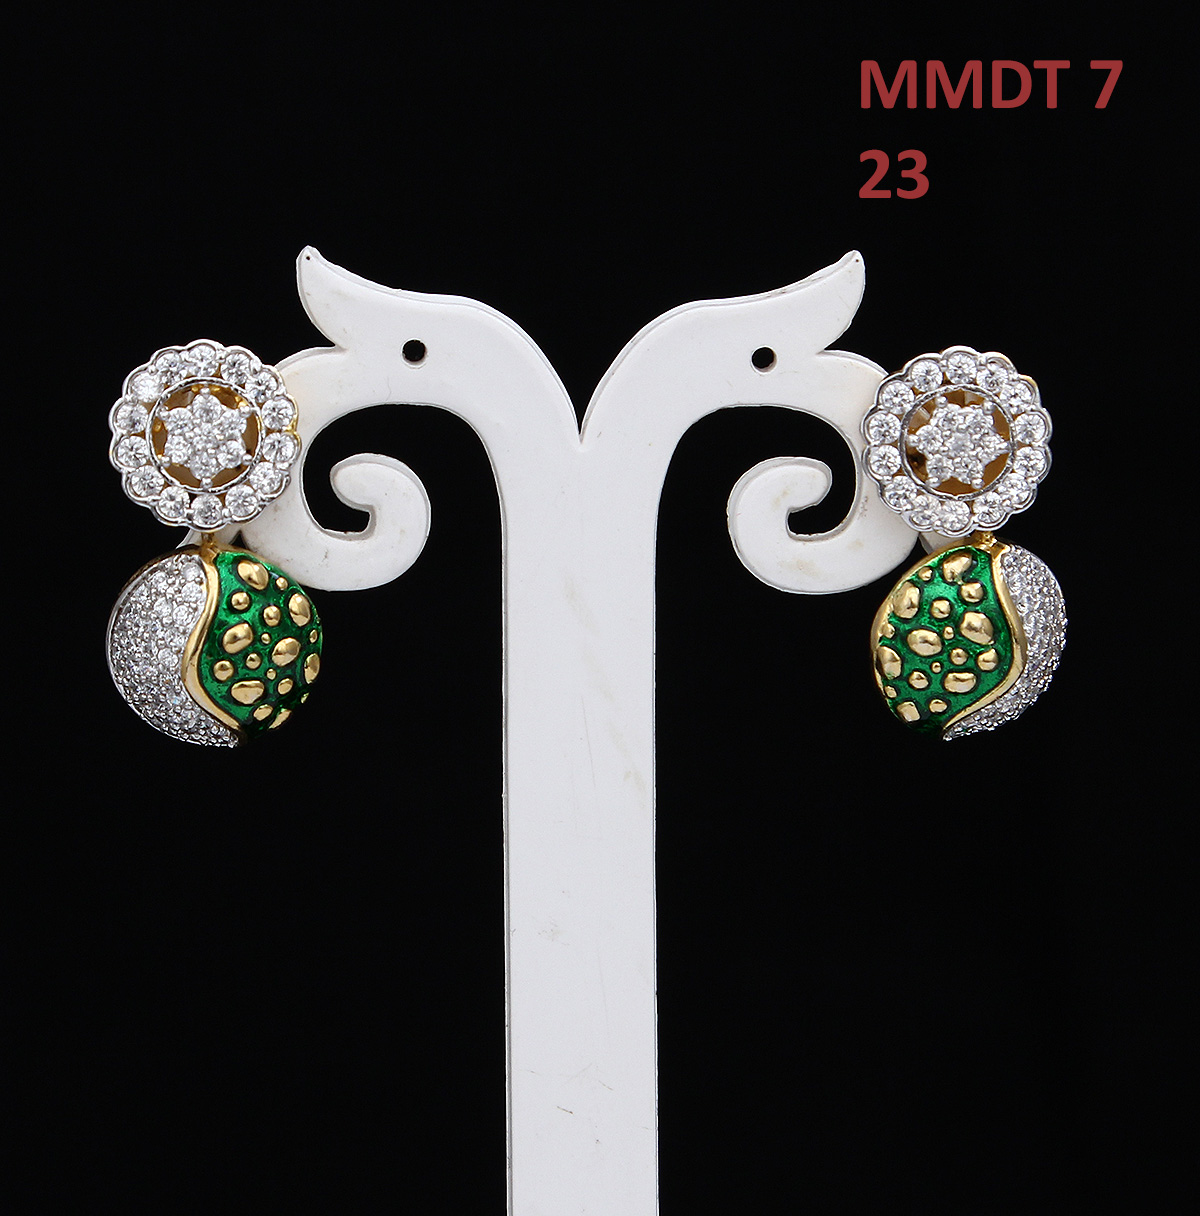 55Carat | 55Carat Drop Earrings Gold Plated Cubic Zircon Green Enamel Latest Fancy Design Earrings Tops Drop Earrings,Gold Plated, Cubic Zircon,Green Enamel Latest Fancy Design Earrings Tops MMDT-7-GREEN